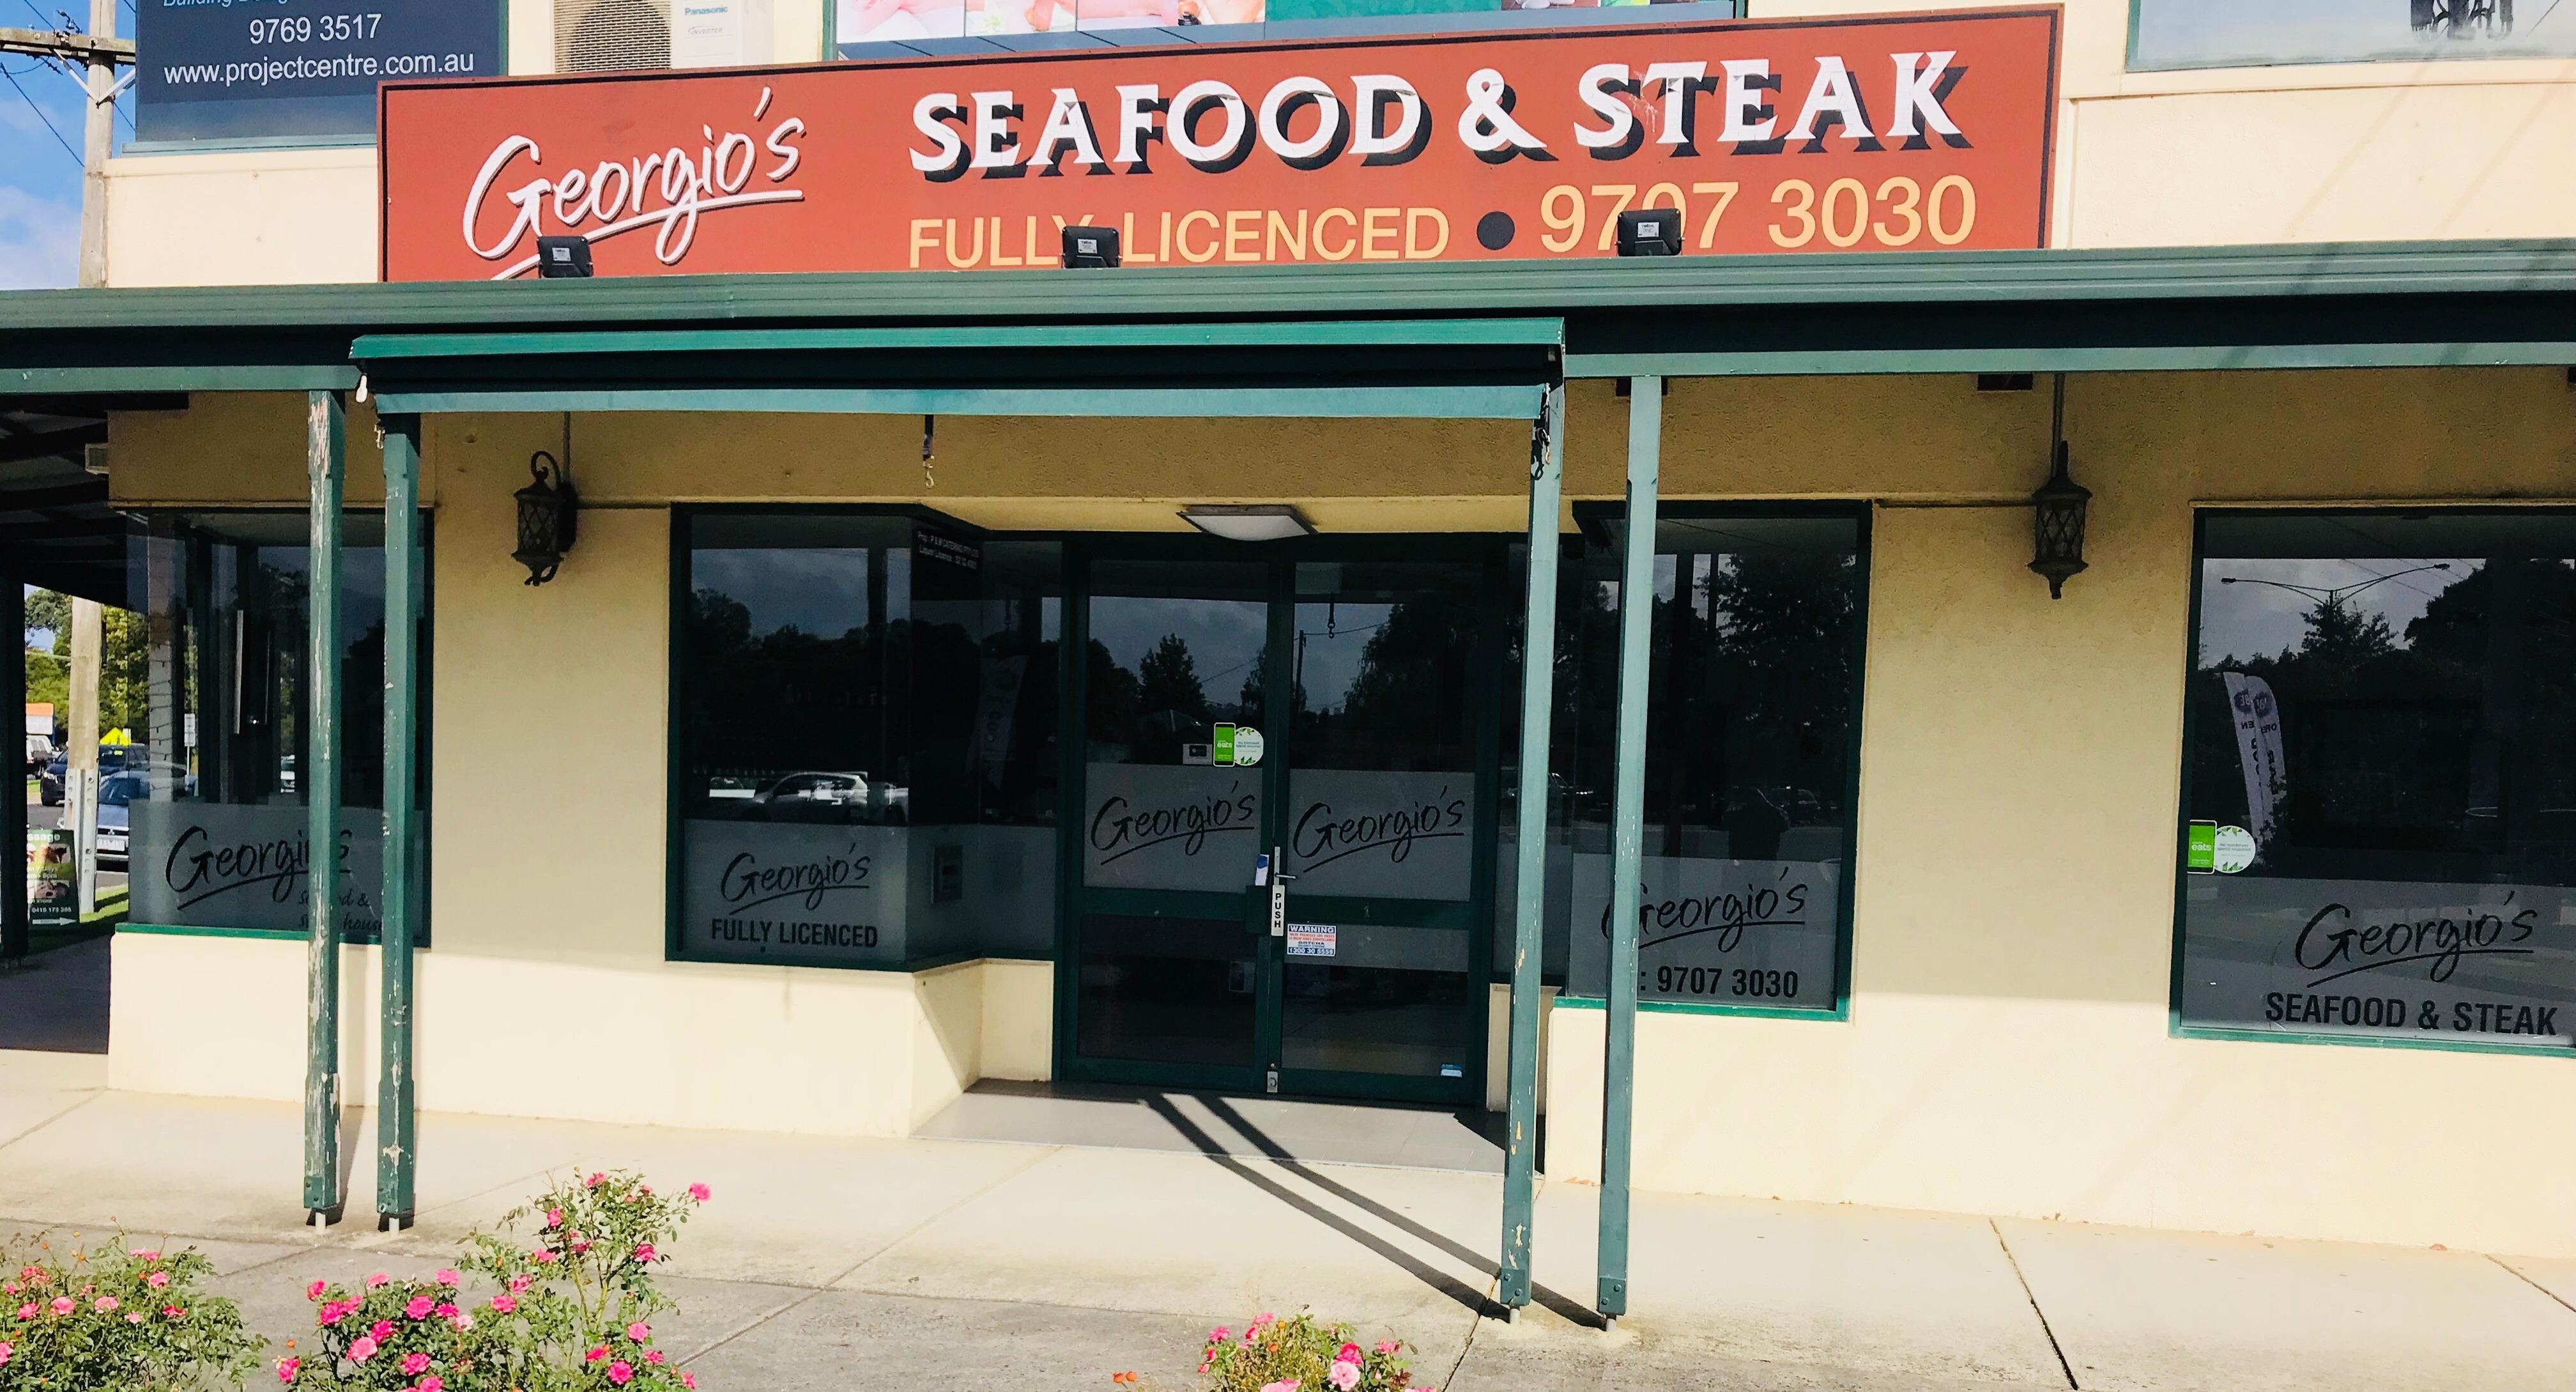 Georgio's Seafood & Steak Melbourne image 3